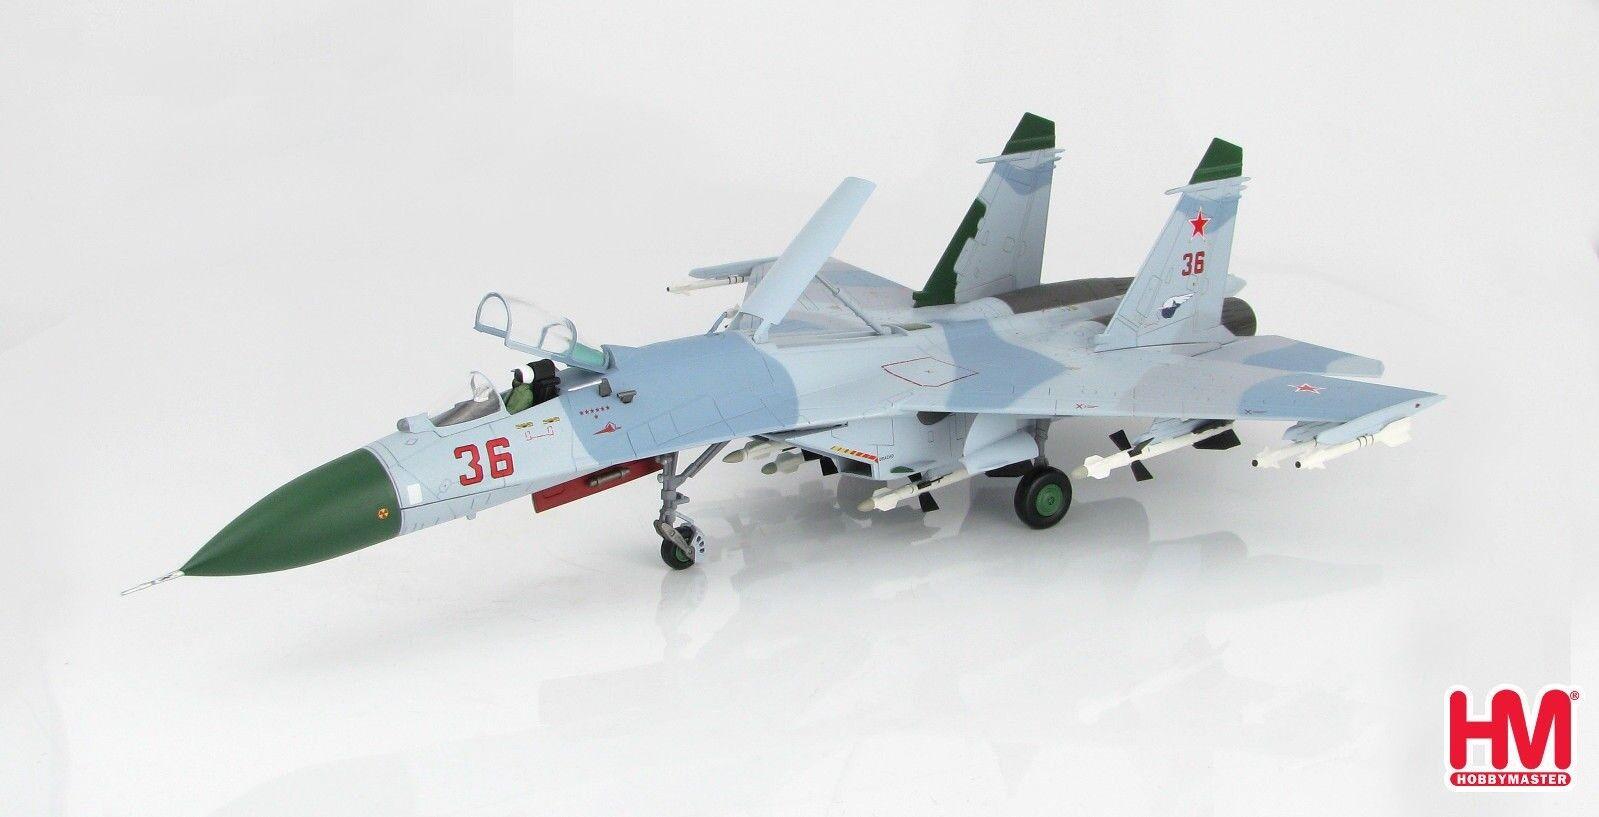 HOBBY Master HA6001-osipovič SUCHOJ Su-27 FLANKER B, Rosso 36, RUSSO AF 1987